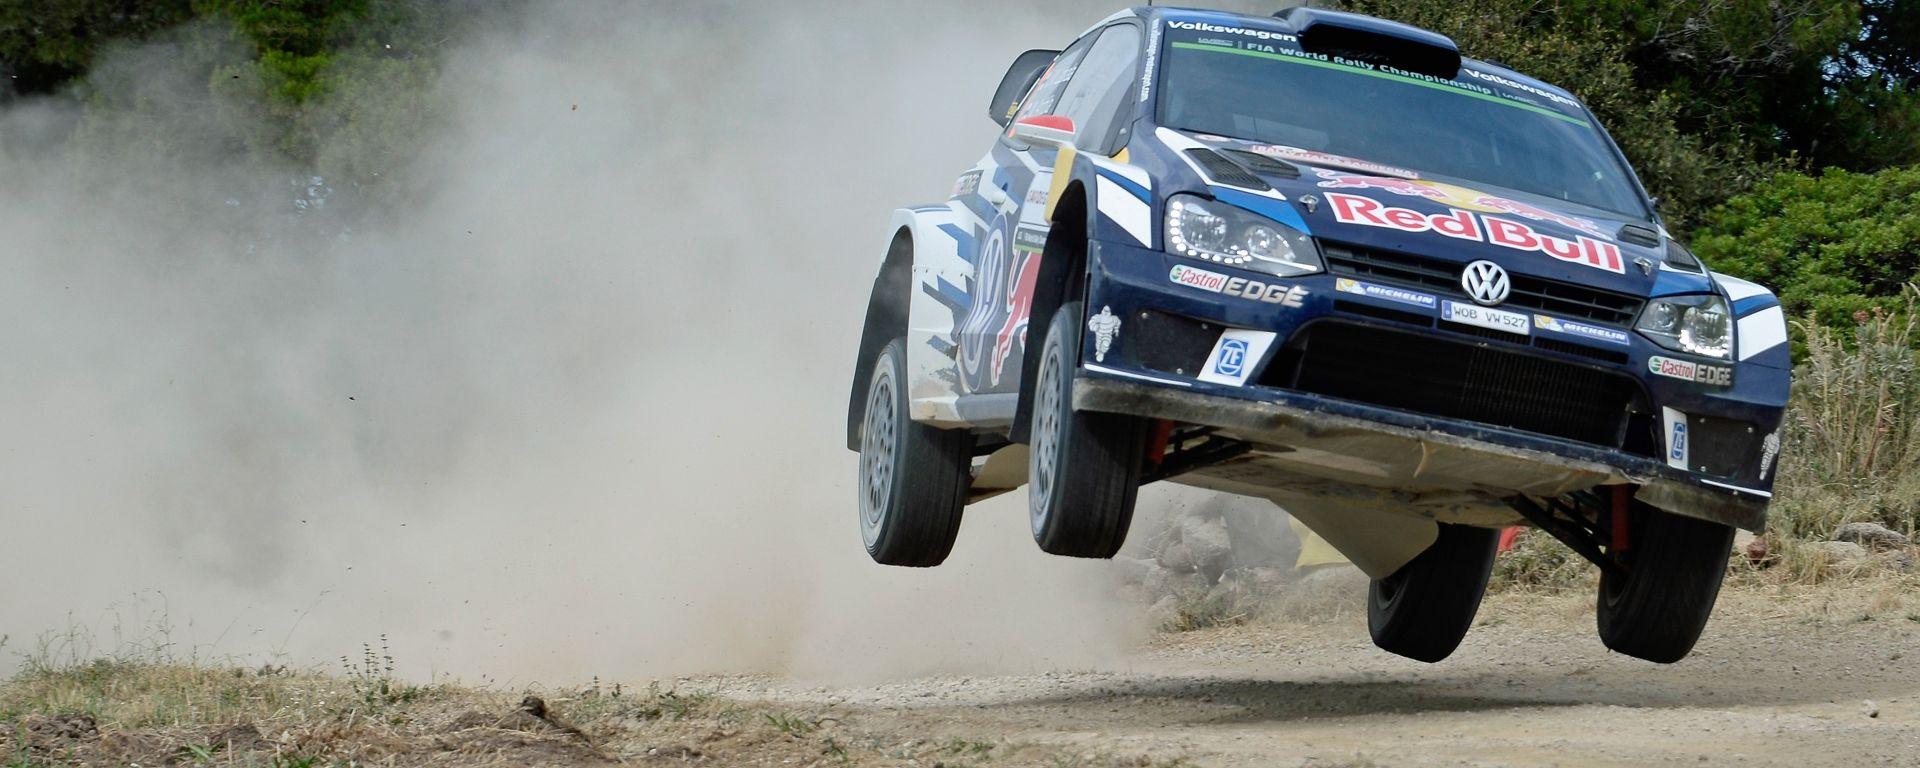 WRC Rally Sardegna: Latvala e Neuville, duello in testa